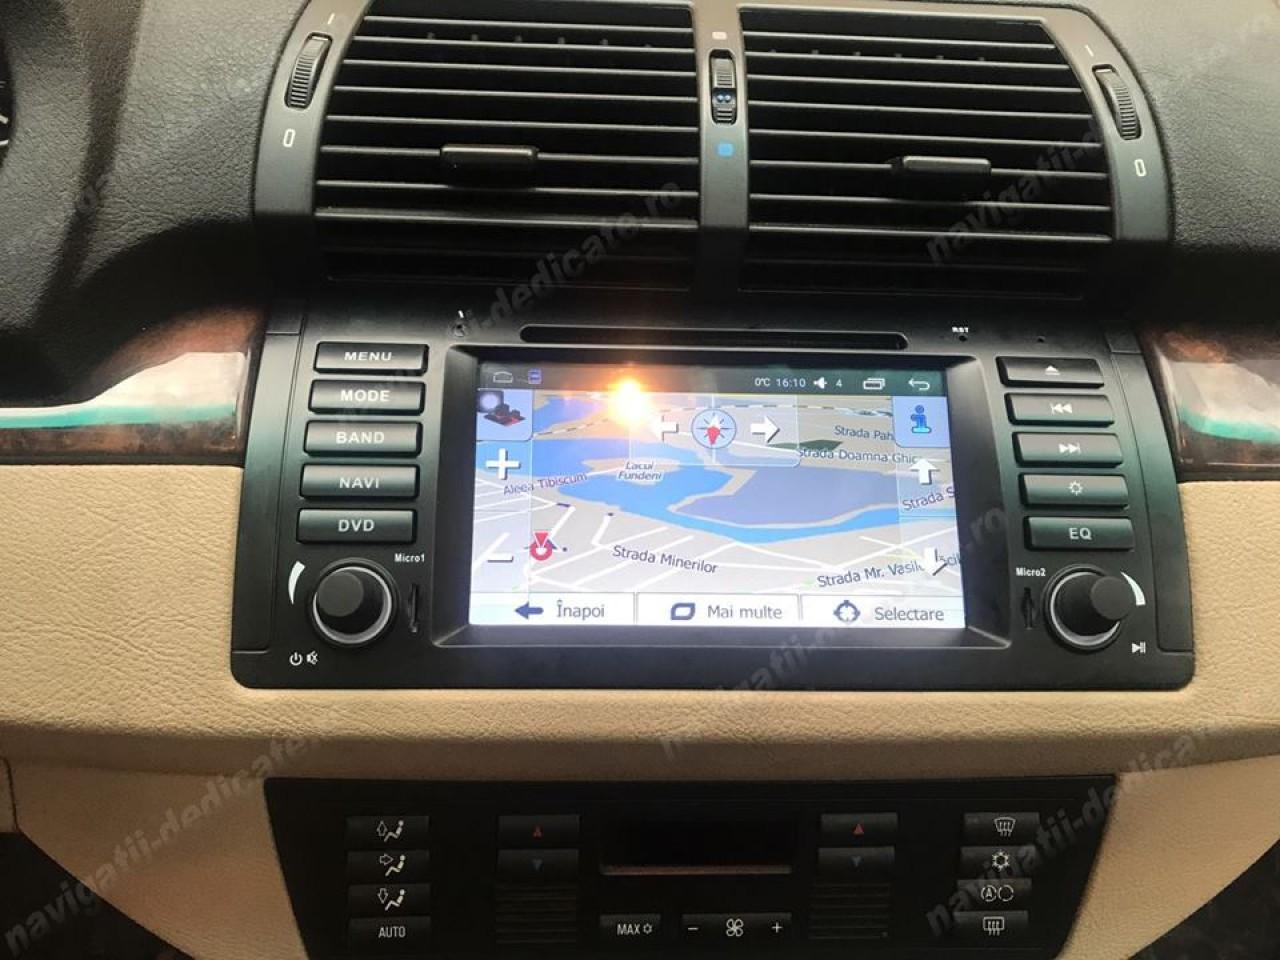 NAVIGATIE ANDROID 6.0.1 DEDICATA BMW X5 E53 SERIA 5 E39 SERIA 7 E38 QUAD-CORE 2GB RAM 16GB NAVD-i082